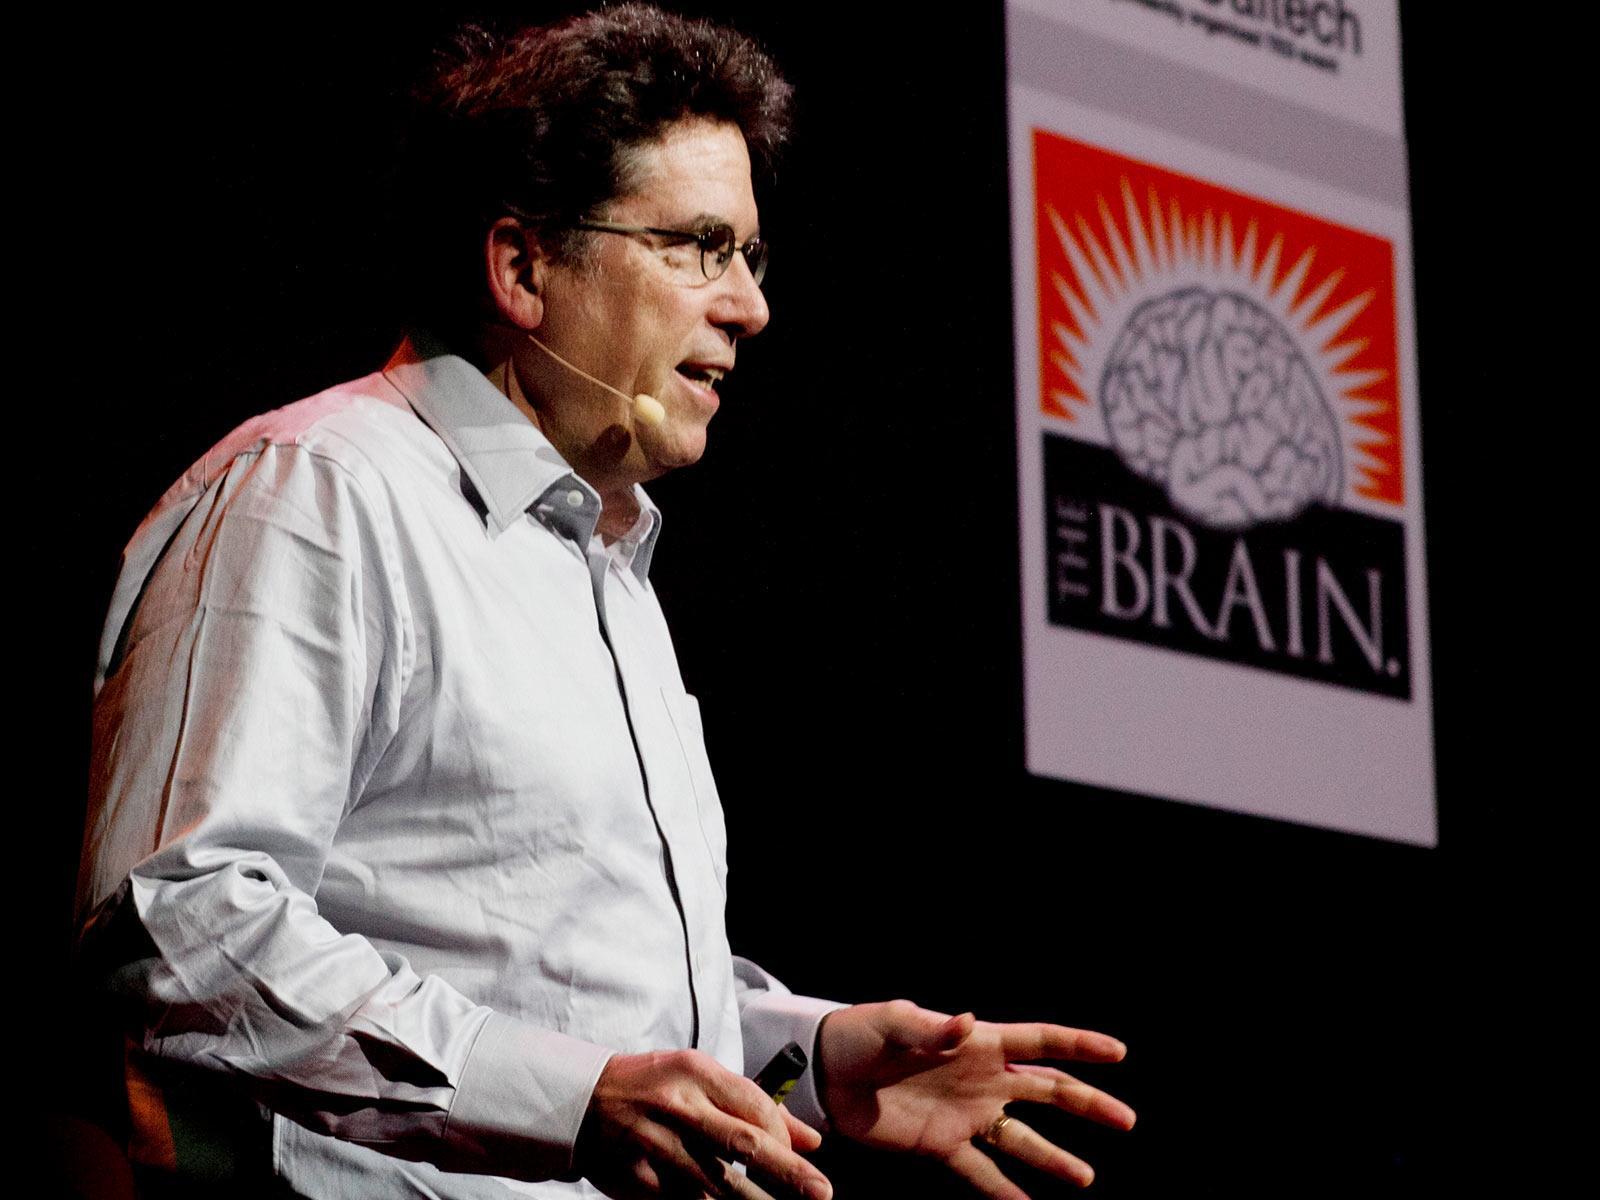 سخنرانی تد : مغز ما بیش از یک کیسه حاوی مواد شیمیایی است